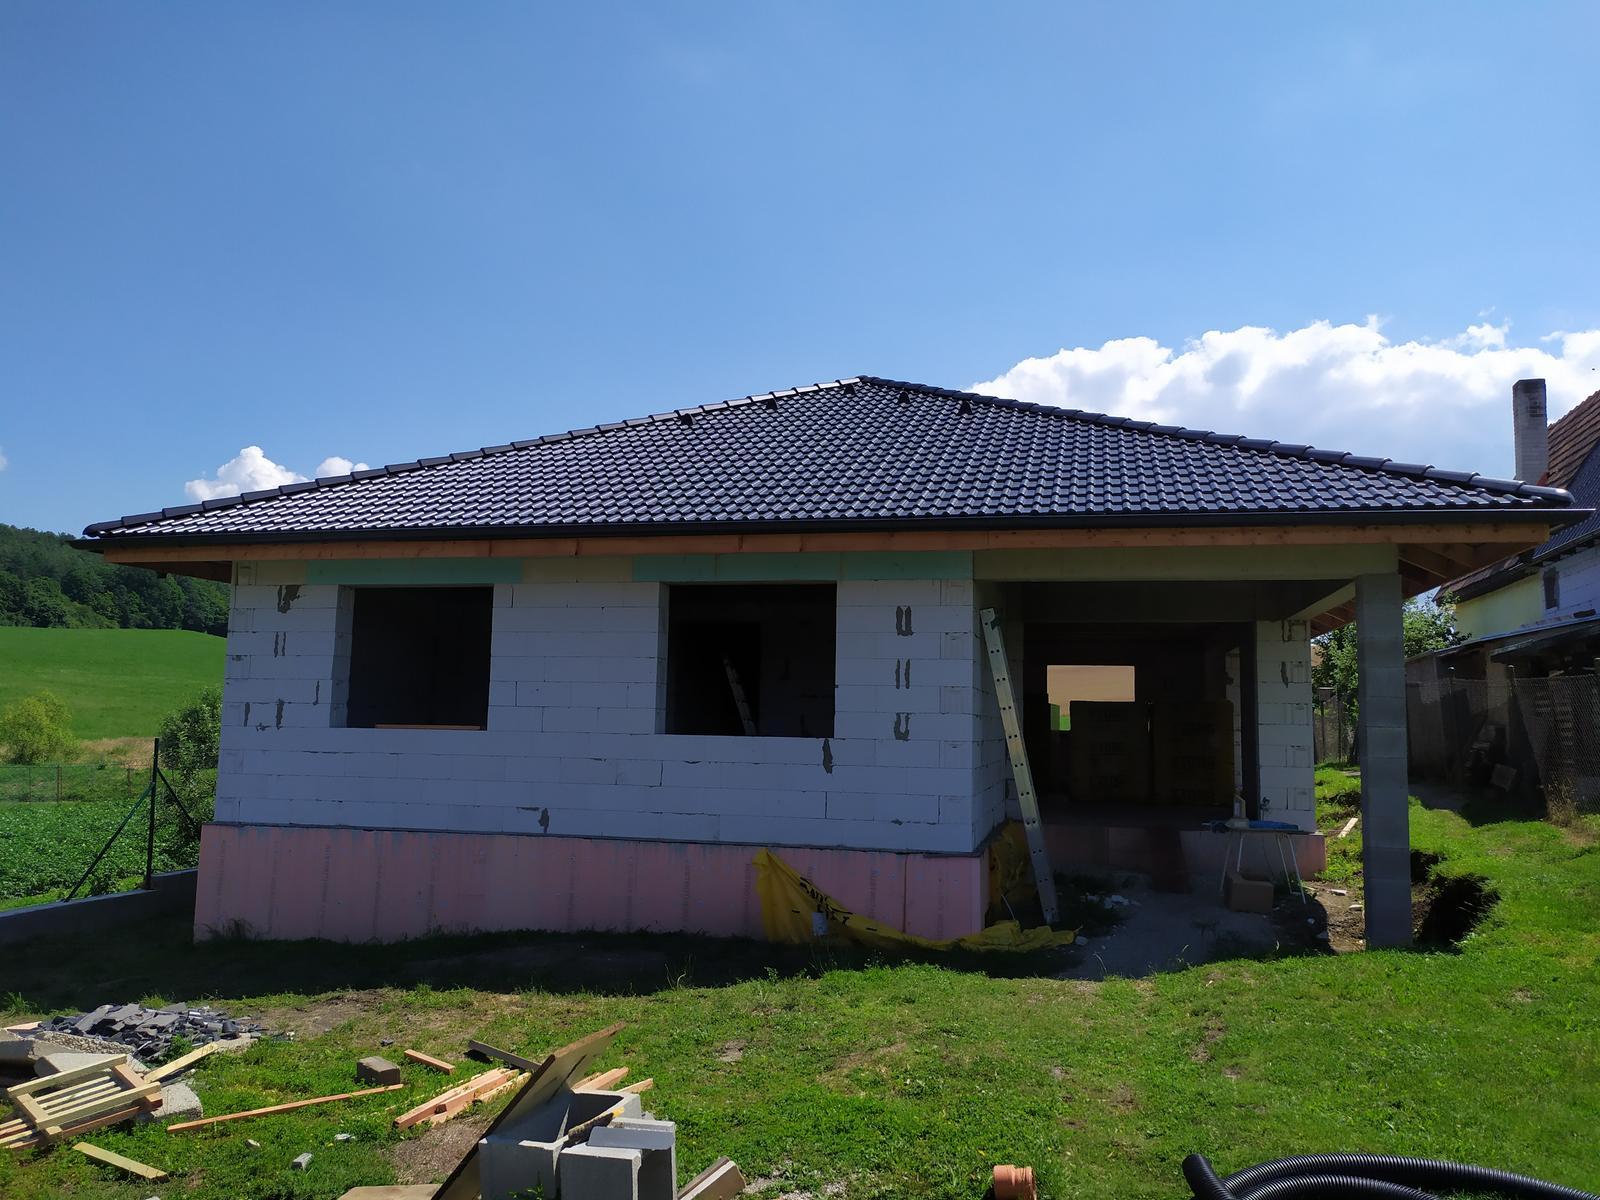 Stavba domu - Svojpomocne 🏠 - Obrázok č. 93